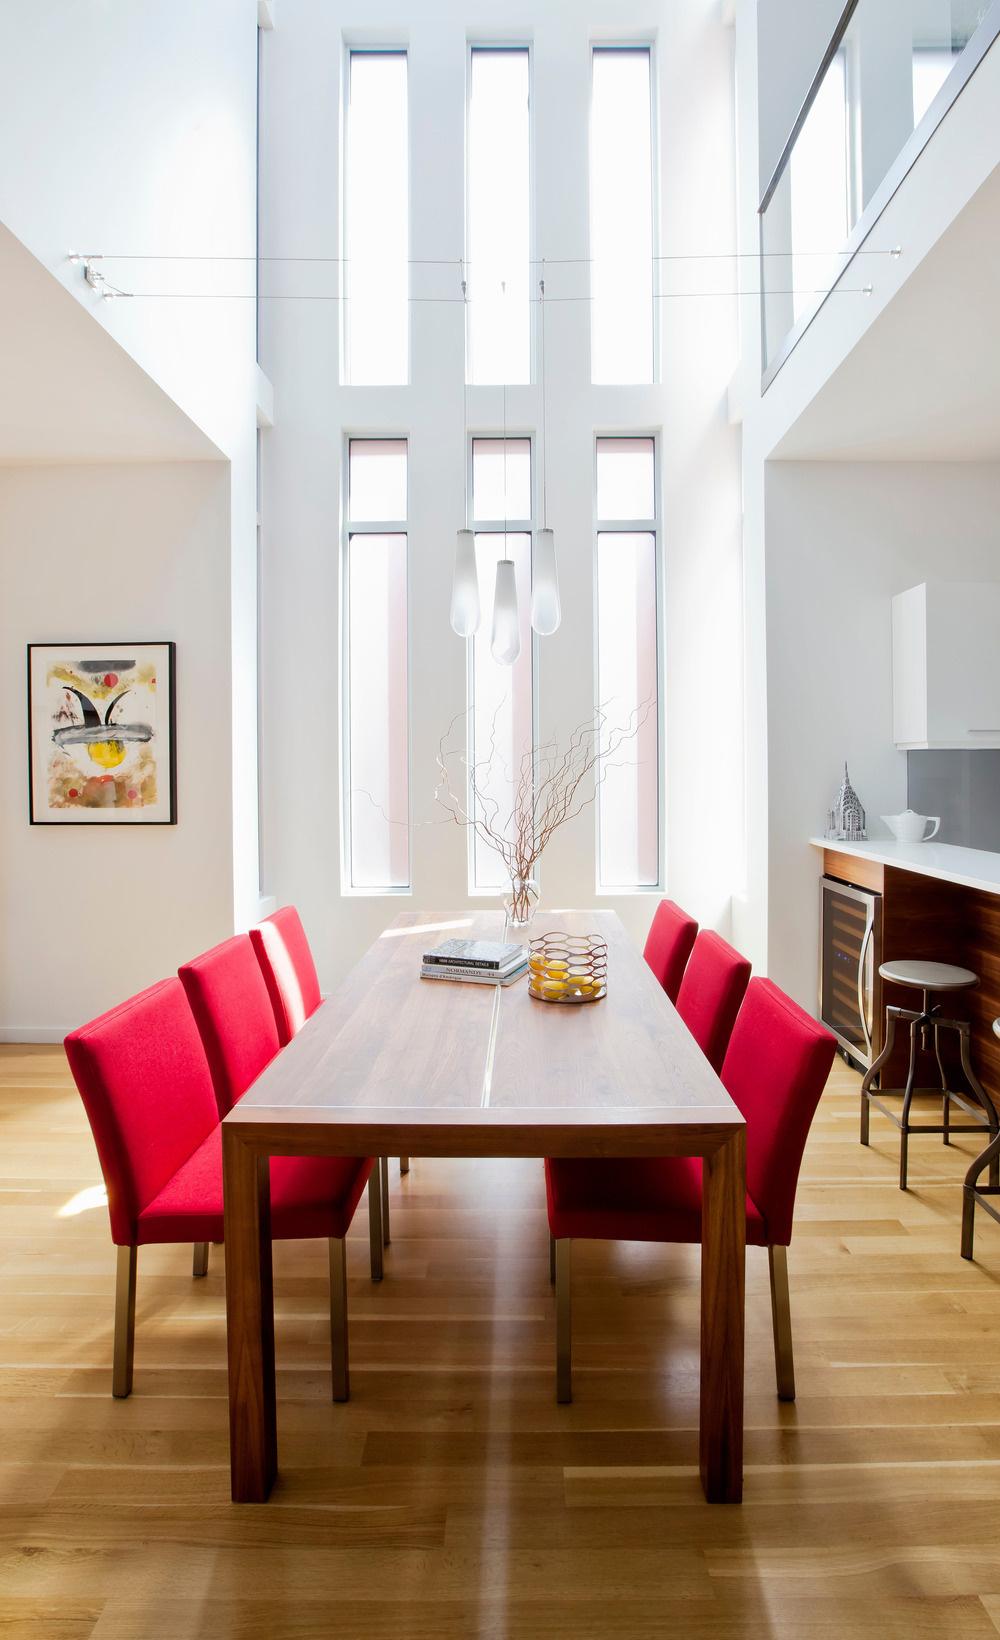 Výška obytného priestoru a dlhé vertikálne okná vnášajú do interiéru záplavu svetla. Neutrálnu farebnosť zariadenia narúša len výrazná červeň jedálenských stoličiek.